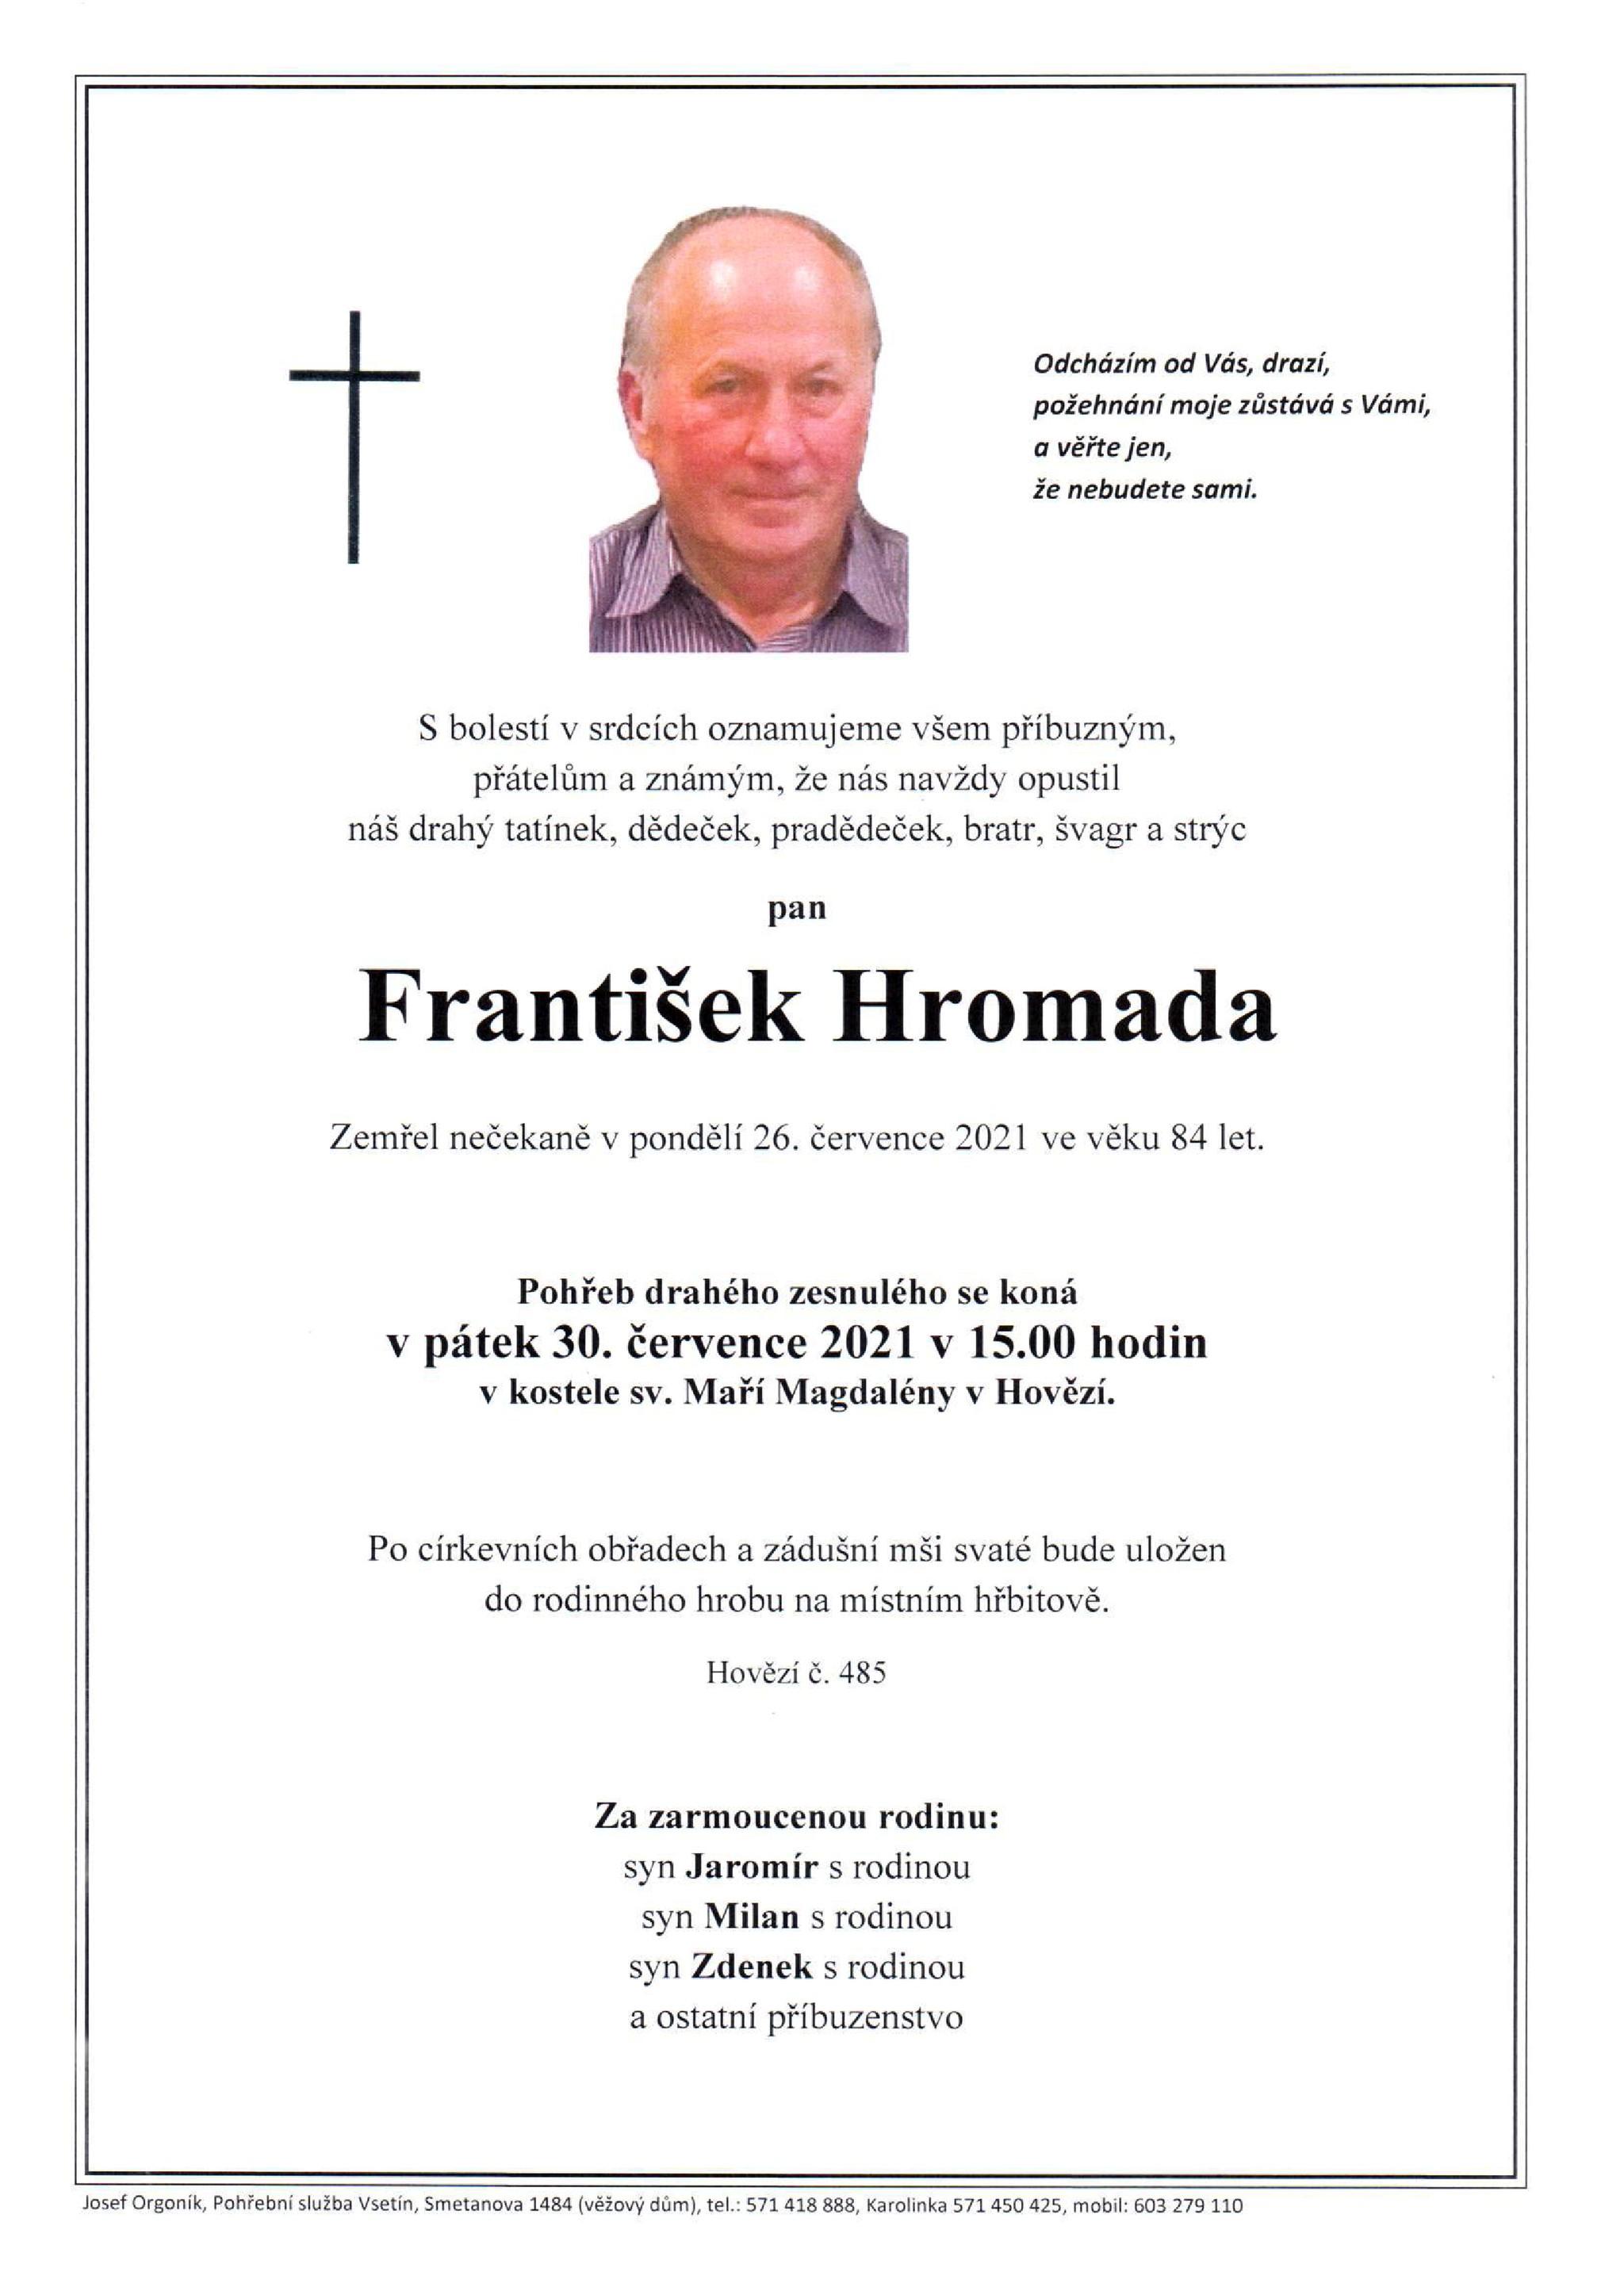 František Hromada